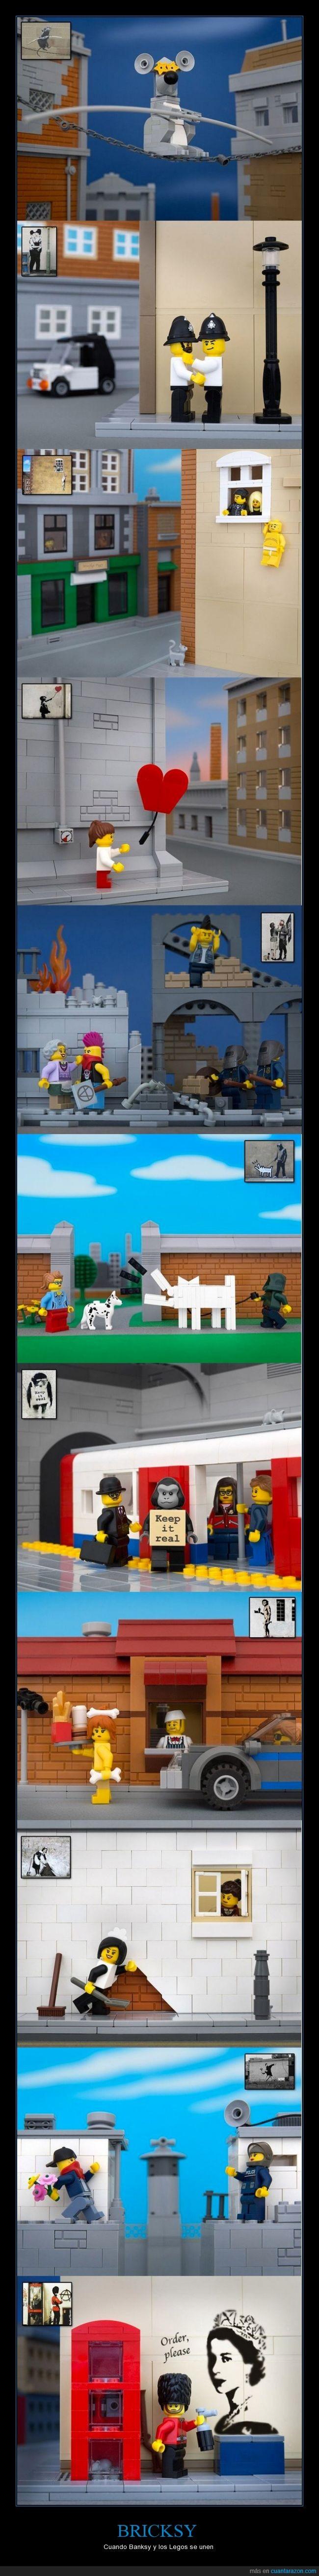 banksy,bricksy,cuadro,figura,graffiti,lego,reproducción